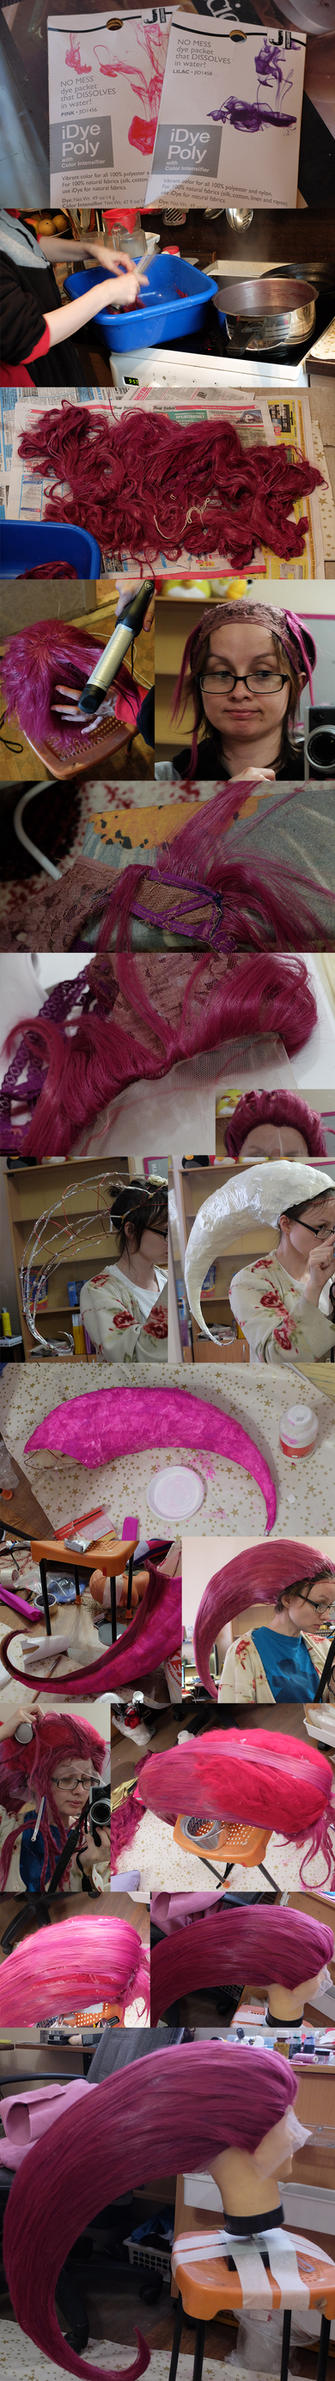 Jessie wig tutorial by KyoudaiCosband